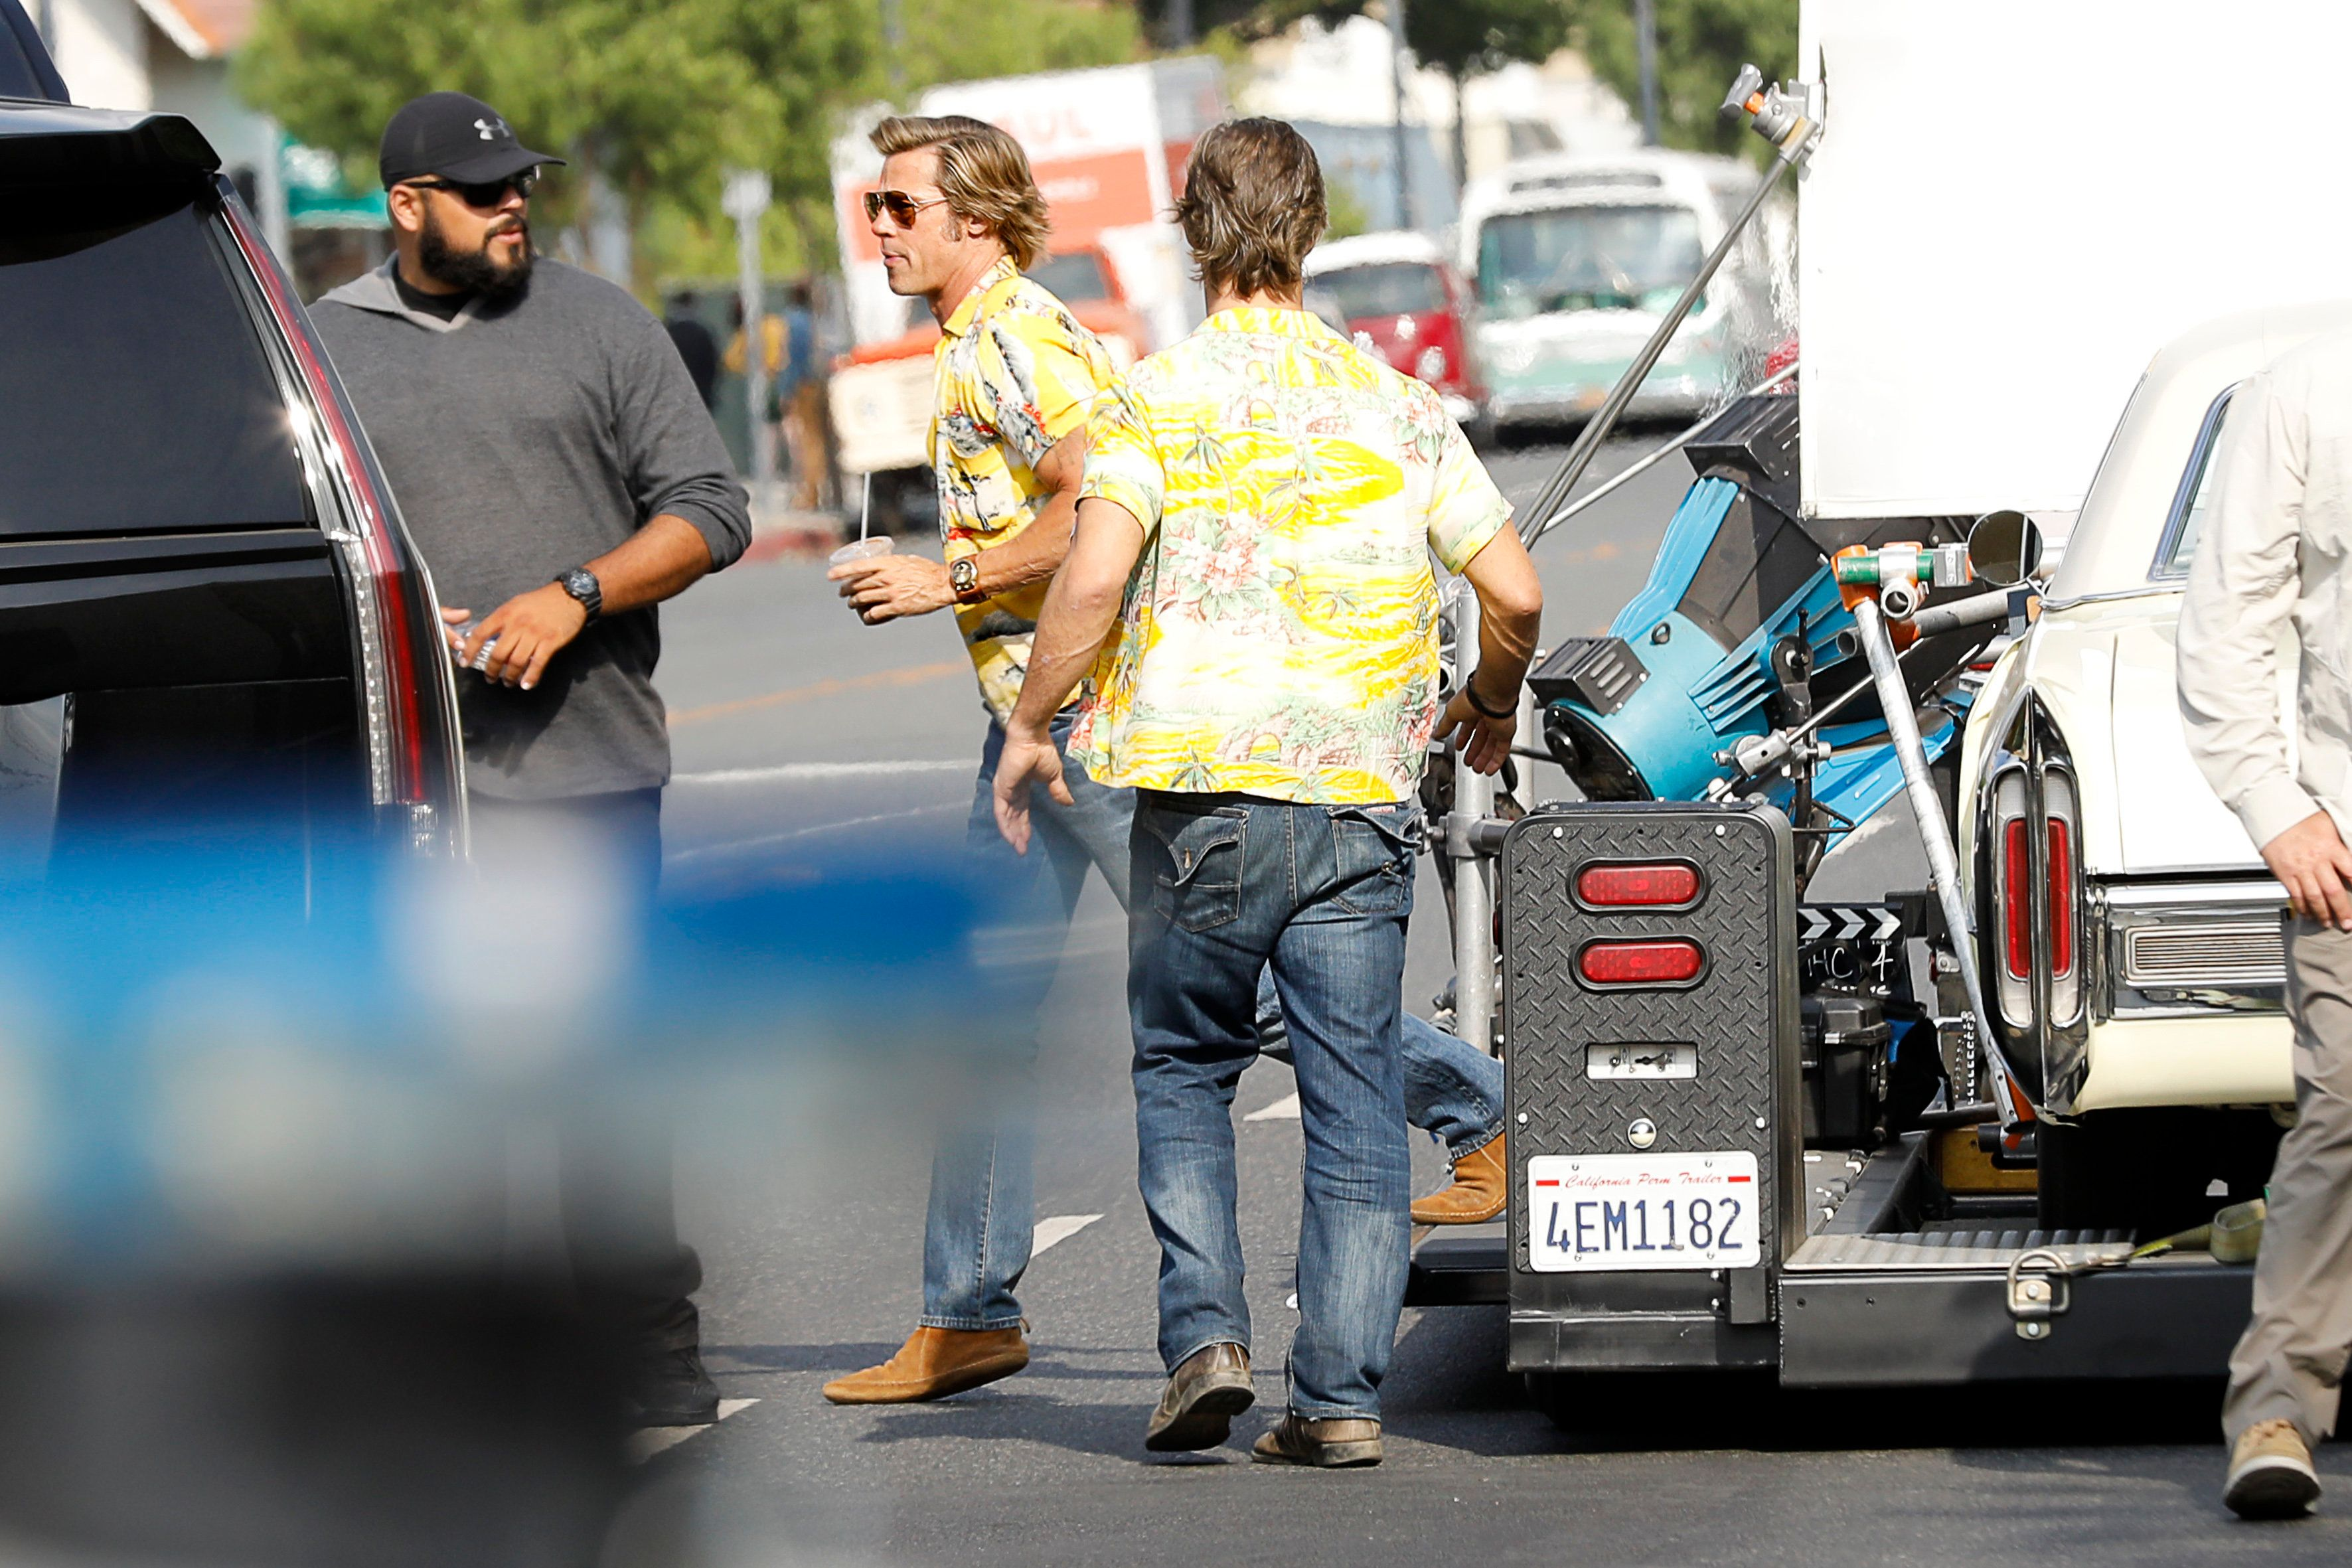 Brad Pitt am Film-Set: Doppelgänger-Foto gibt Rätsel